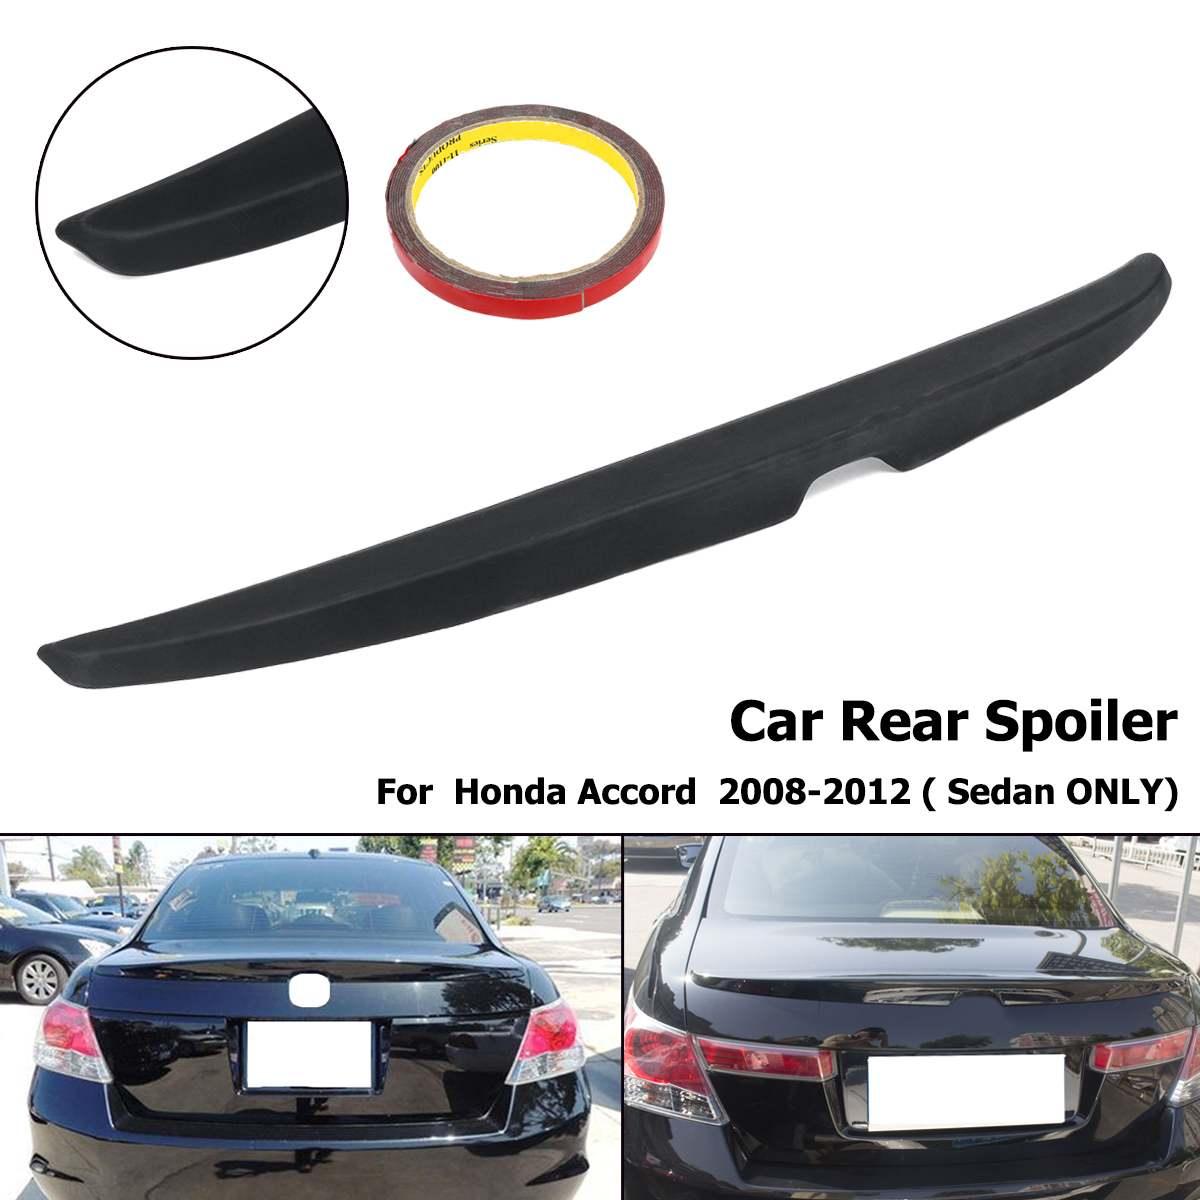 Матовый черный Неокрашенный задний багажник губ крыло спойлер для Honda Accord 4DR Седан 2008 2009 2010 2012 2011 ABS пластик